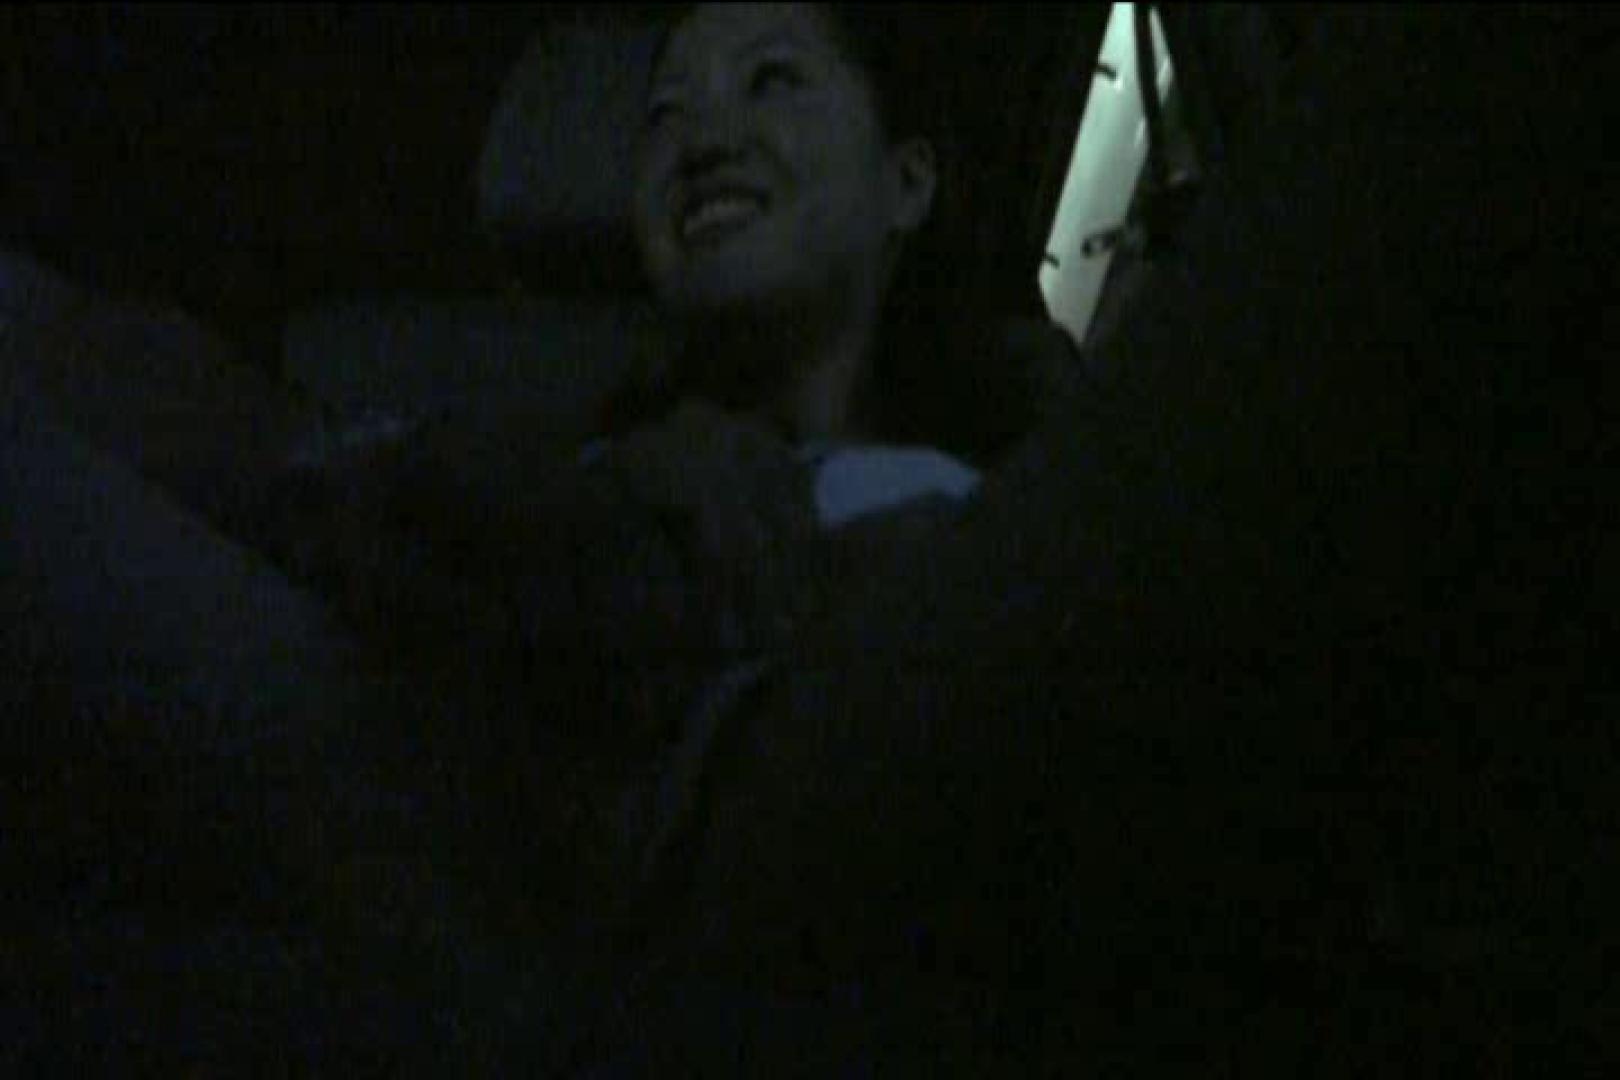 車内で初めまして! vol01 ハプニング 濡れ場動画紹介 105連発 101